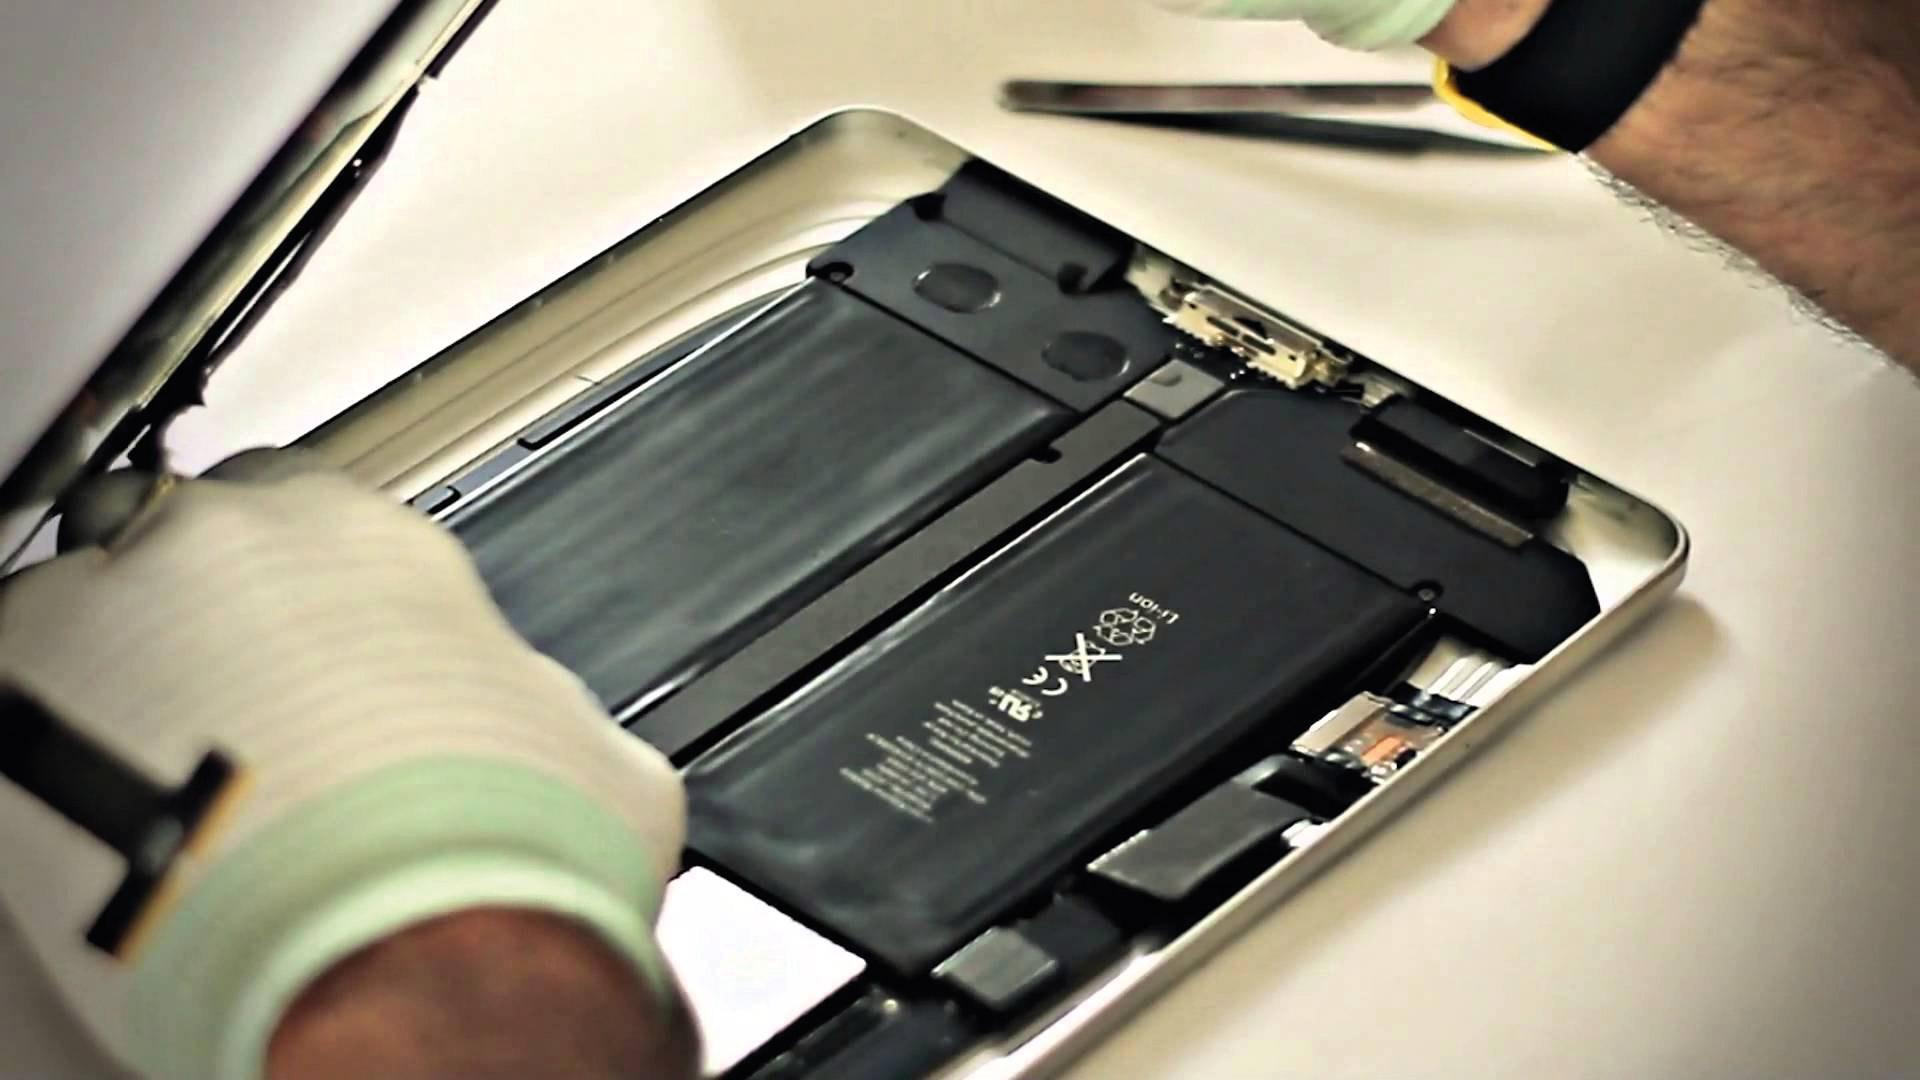 Service-tablet-repair2